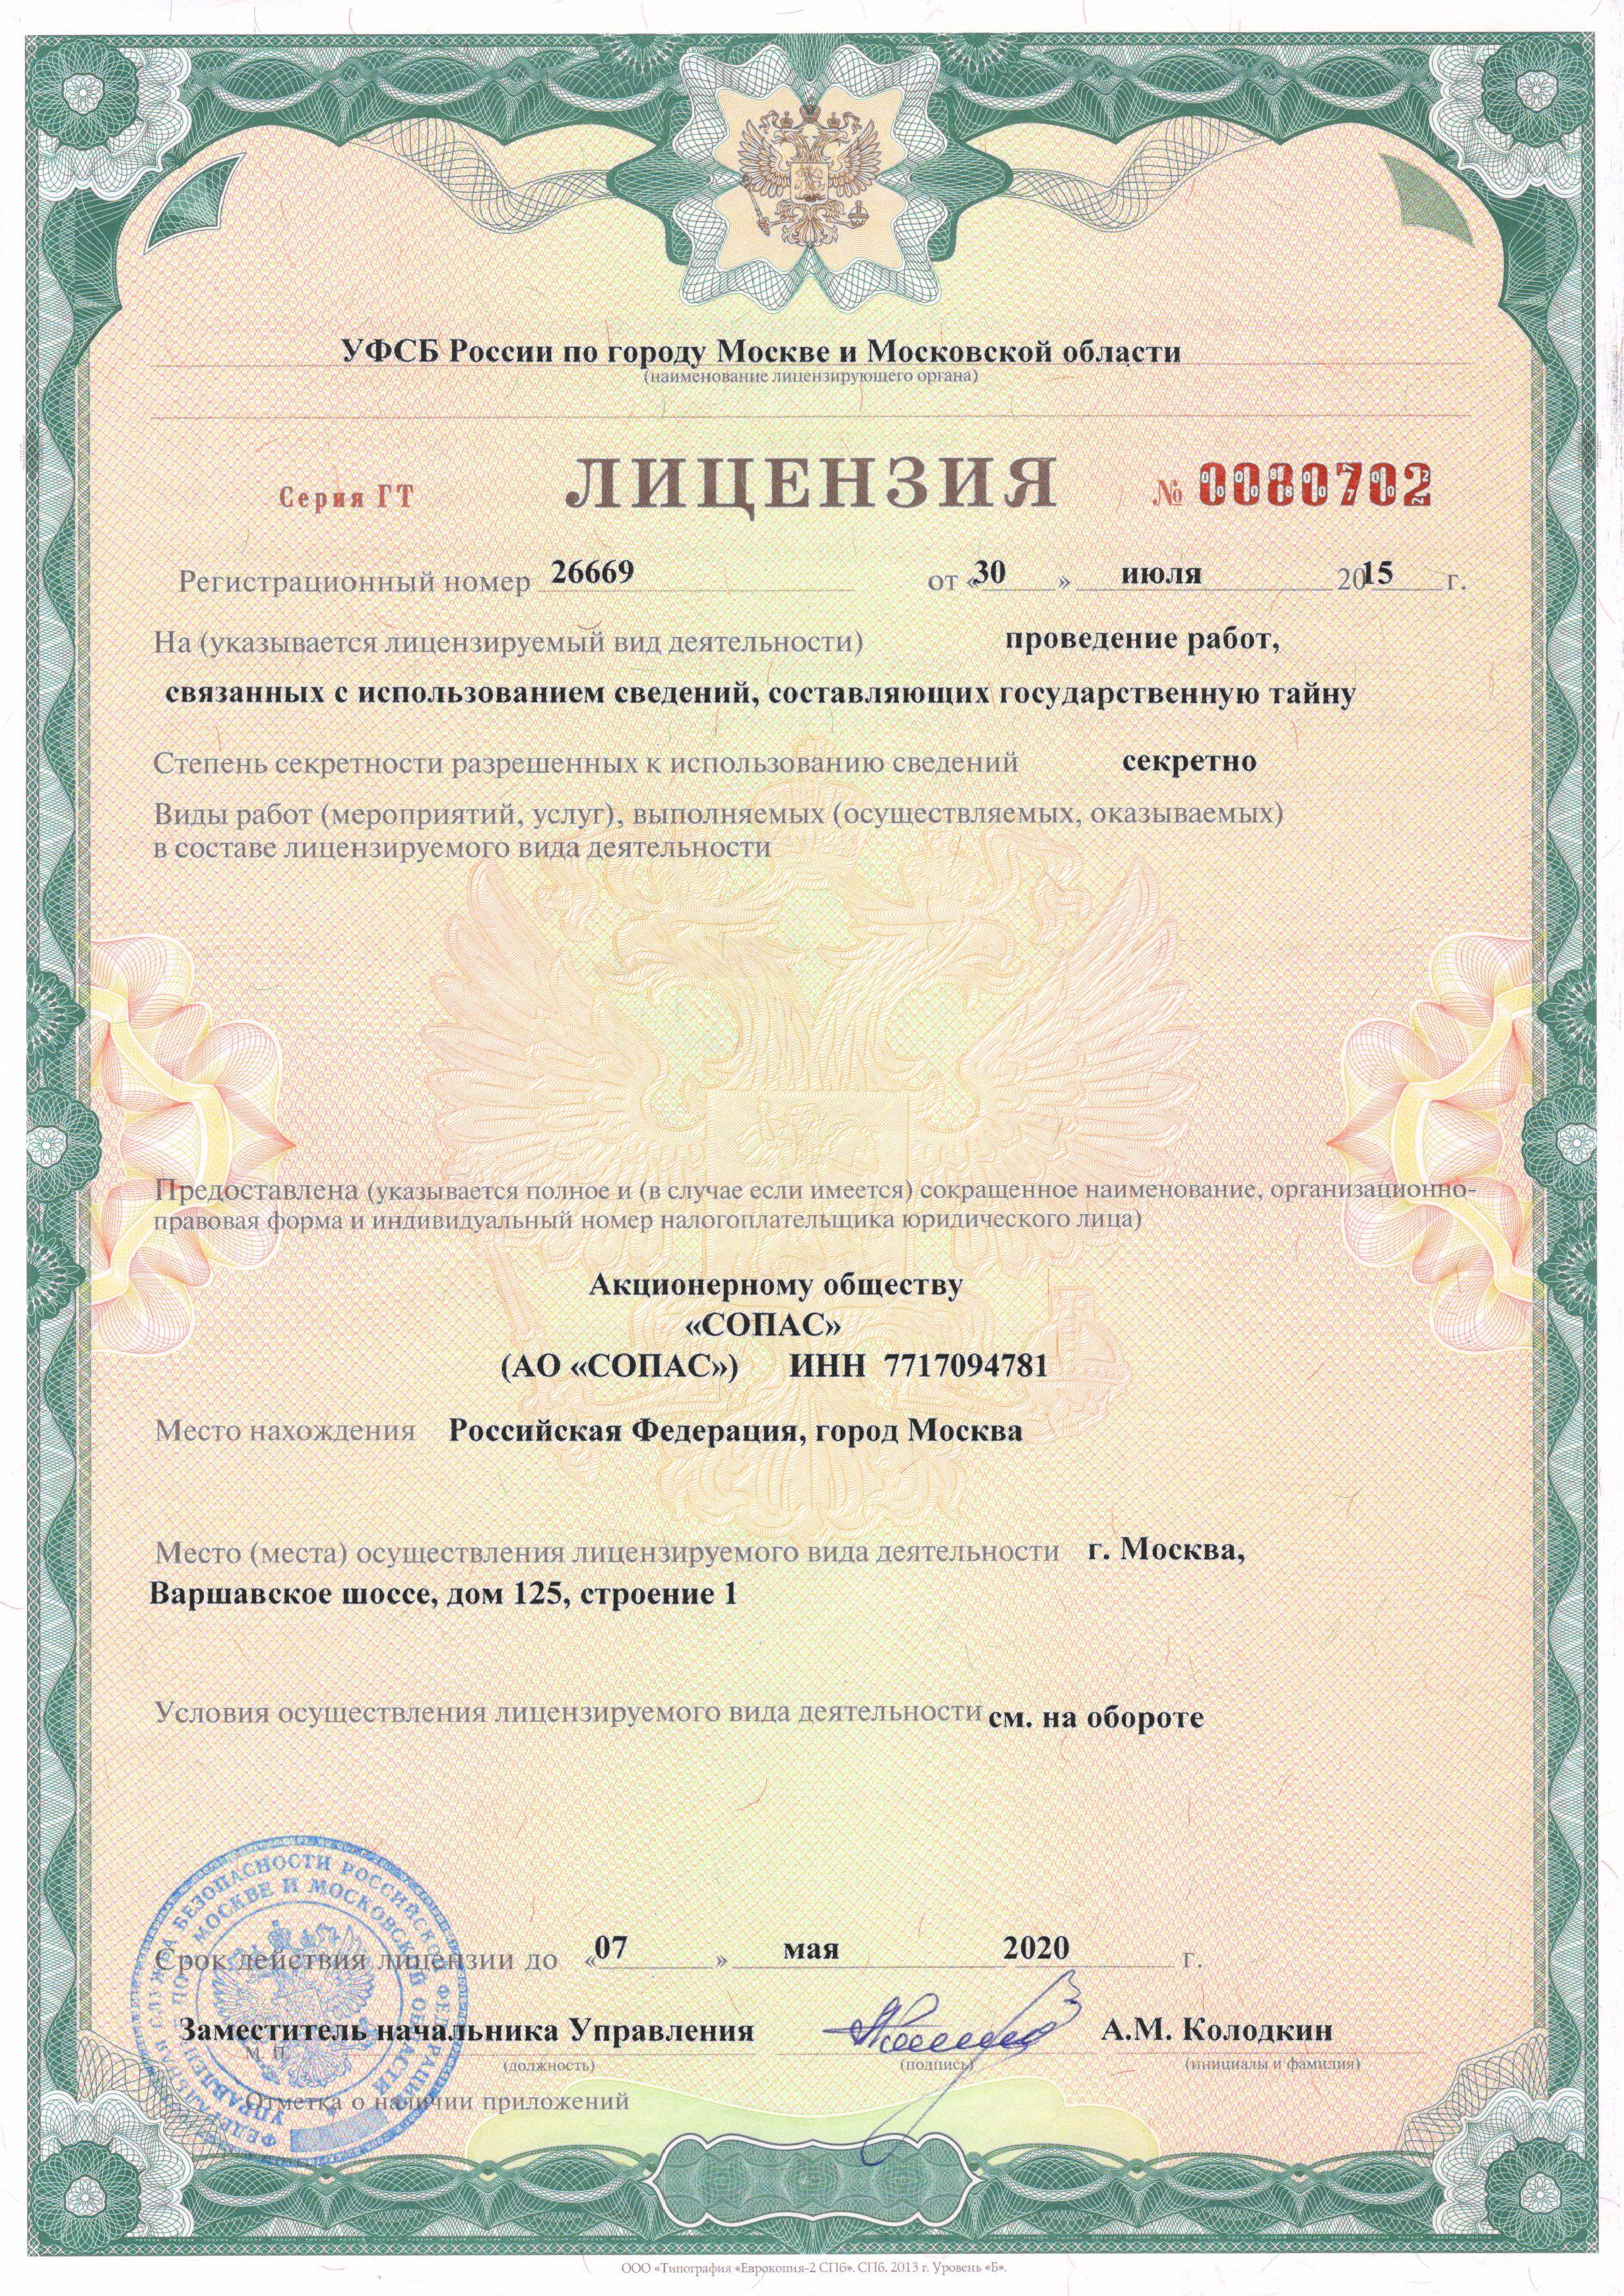 Лицензия ФСБ сопас ао1